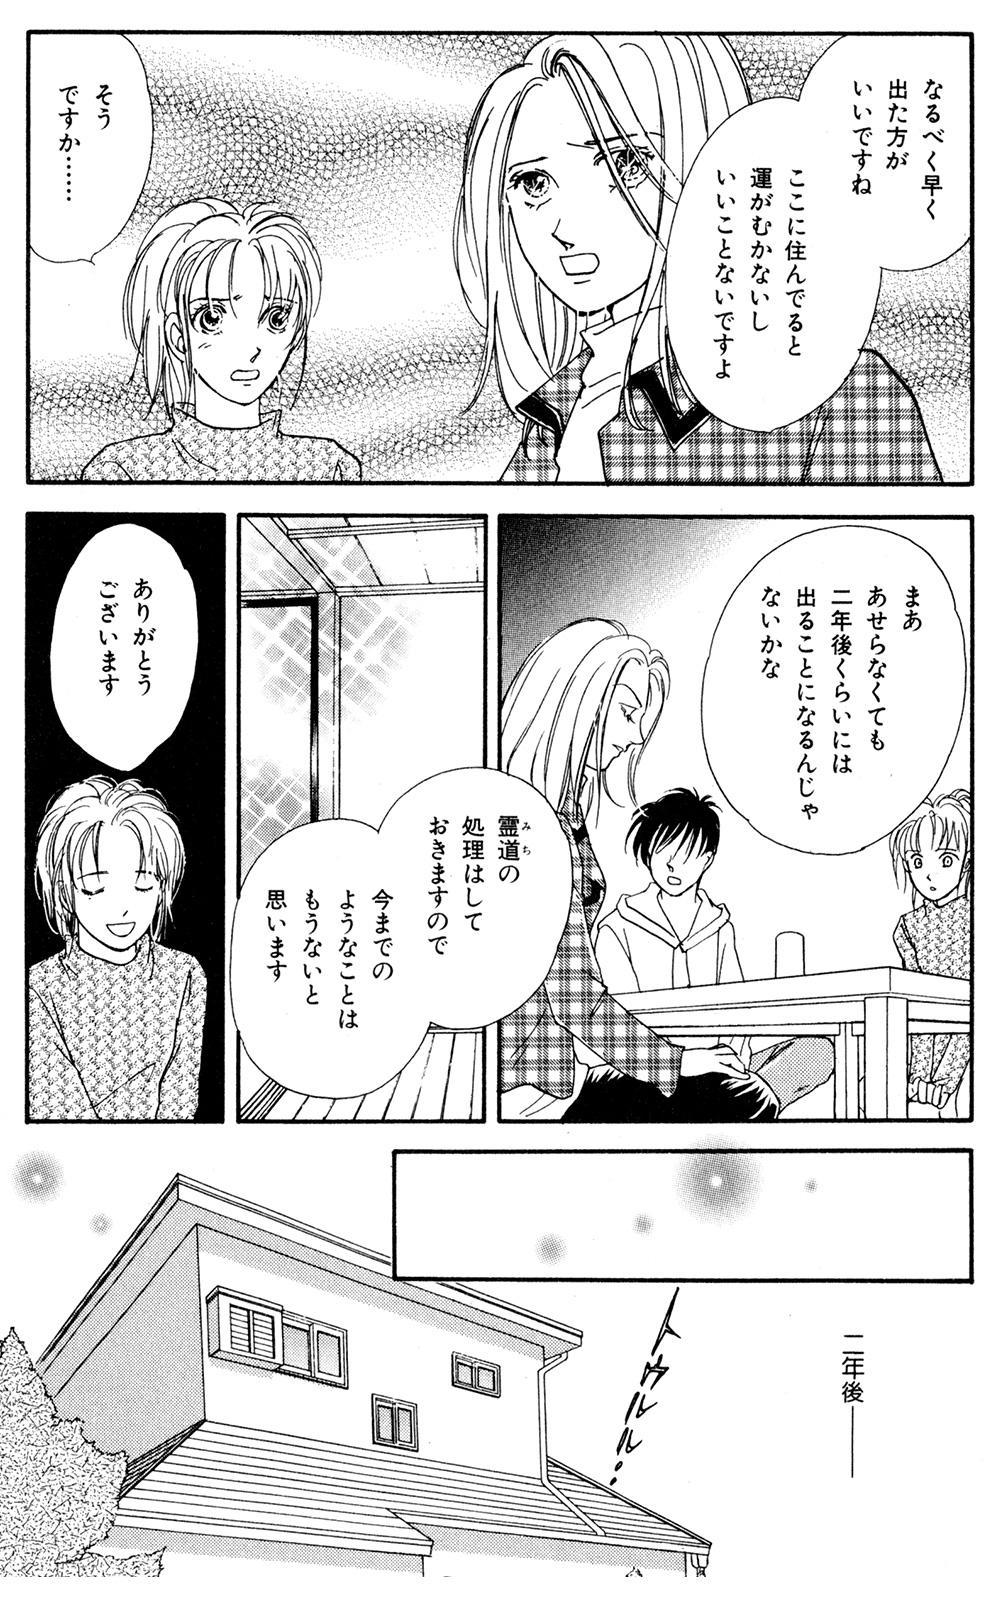 魔百合の恐怖報告 「災いを呼ぶ老婆」①rouba02-11.jpg